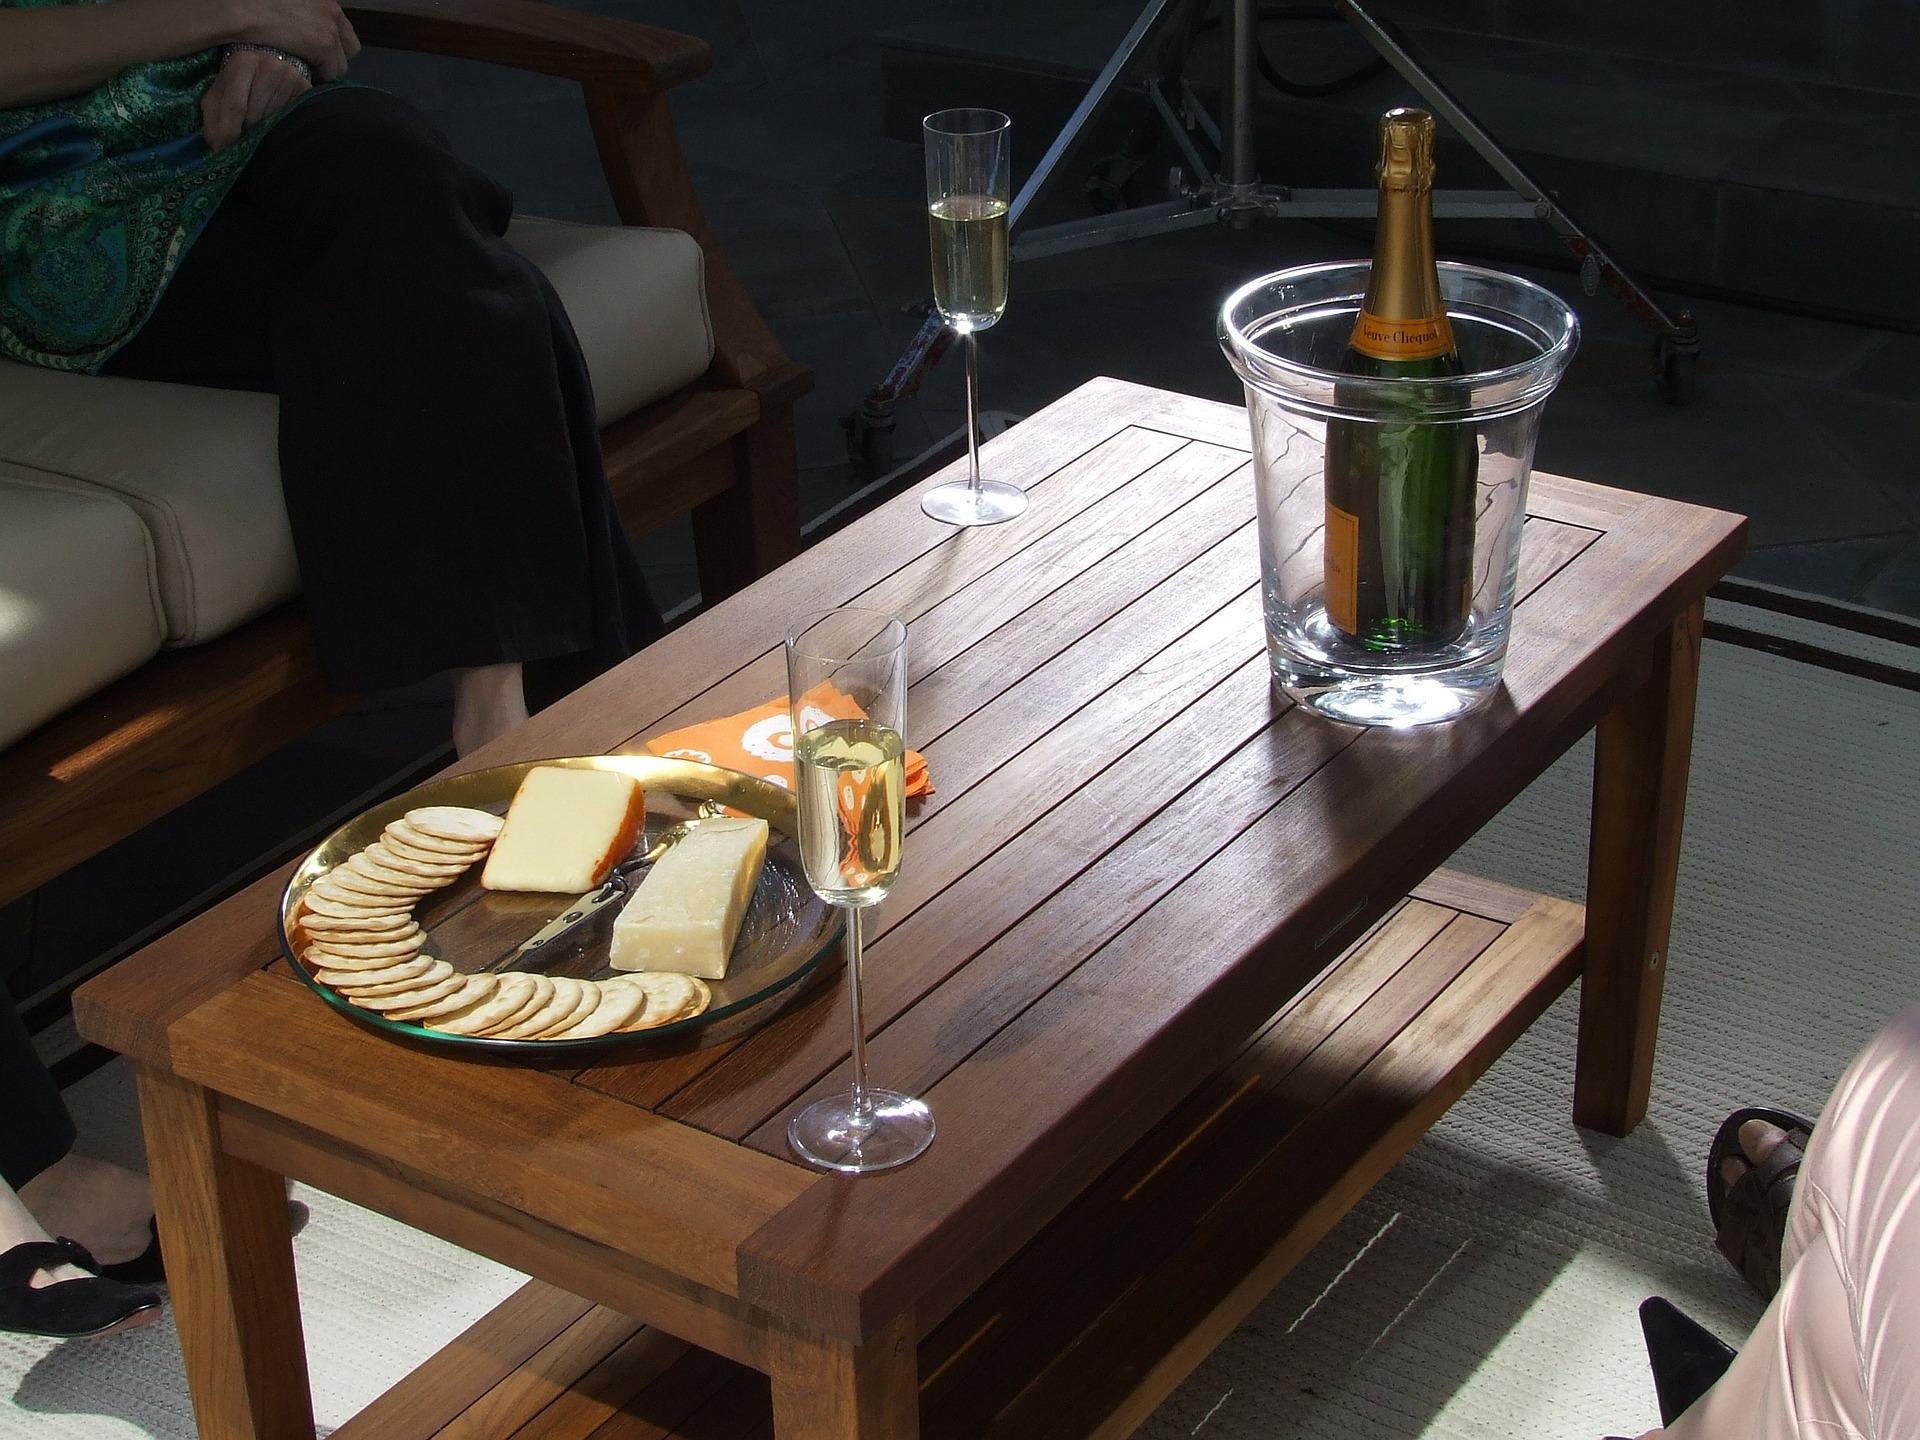 Журнальный столик – современное изобретение или исторический атрибут мебели